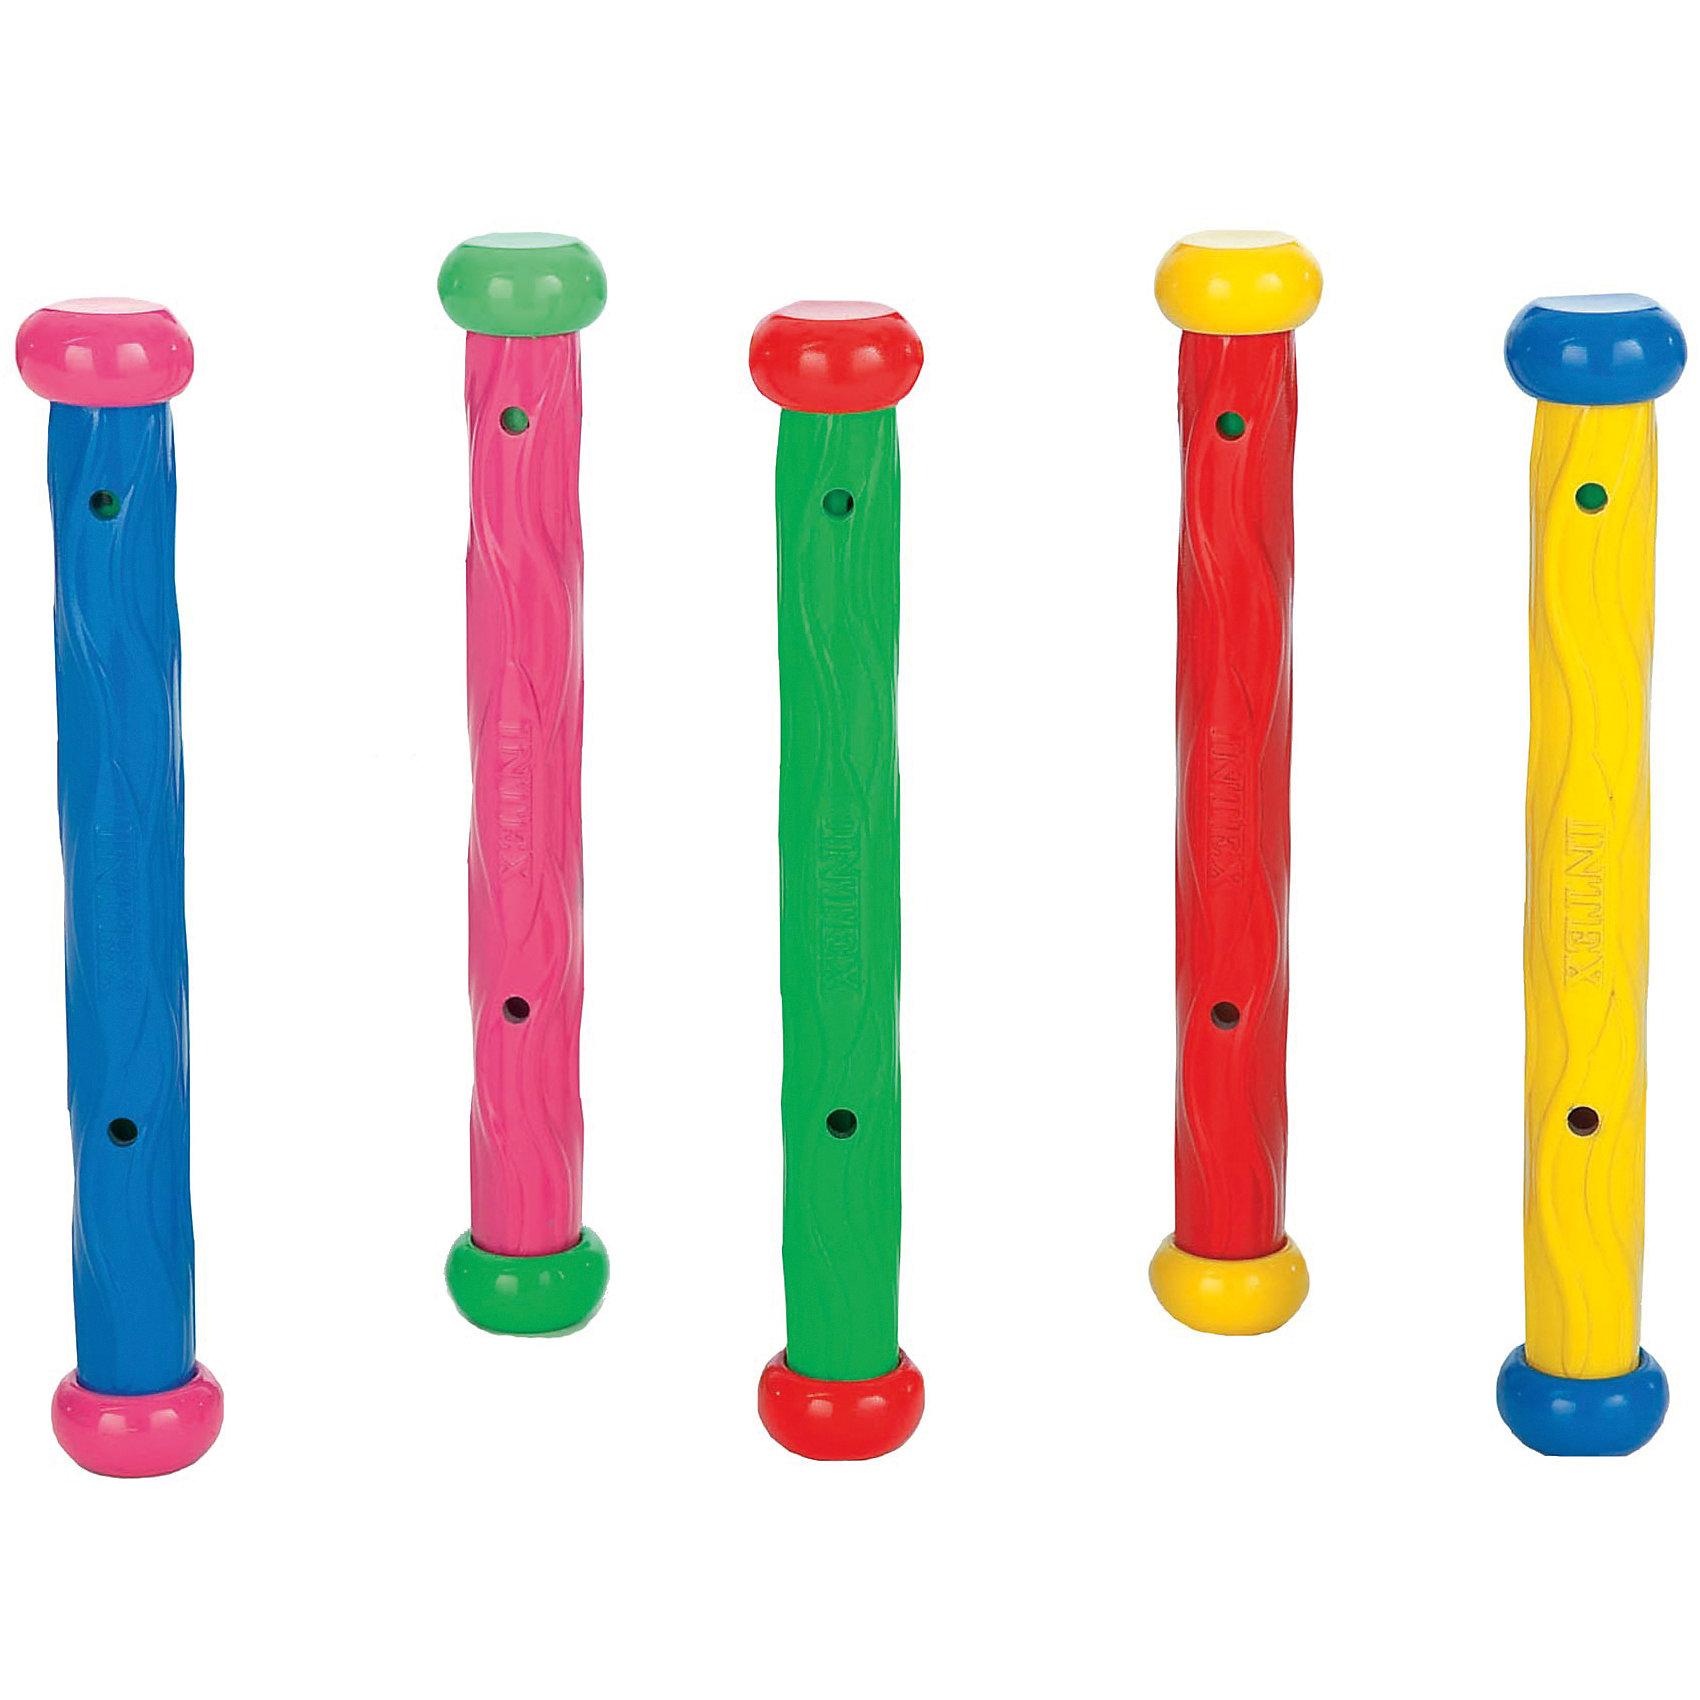 Подводные палочки, 5 цветов, IntexИгровые наборы<br>Подводные палочки, 5 цветов, Intex (Интекс).<br><br>Характеристика:<br><br>• Материал: пластик. <br>• Размер палочки: 25 см. <br>• Оснащены утяжелителями (не всплывают)<br>• Могут стоять вертикально на дне бассейна. <br>• Рифленая поверхность для удобства захвата. <br>• Предназначены для обучения подводному плаванию.<br>• 5 палочек разных цветов в комплекте. <br><br>Яркие подводные палочки Intex предназначены для обучения плаванию. Смысл игры в том, чтобы достать игрушку со дна бассейна. Палочки изготовлены из высококачественных нетоксичных материалов, имеют утяжелители, могут находиться в воде в вертикальном положении, удобном для захвата руками. <br><br>Подводные палочки, 5 цветов, Intex (Интекс) можно купить в нашем интернет-магазине.<br><br>Ширина мм: 170<br>Глубина мм: 290<br>Высота мм: 40<br>Вес г: 309<br>Возраст от месяцев: 72<br>Возраст до месяцев: 192<br>Пол: Унисекс<br>Возраст: Детский<br>SKU: 5501933